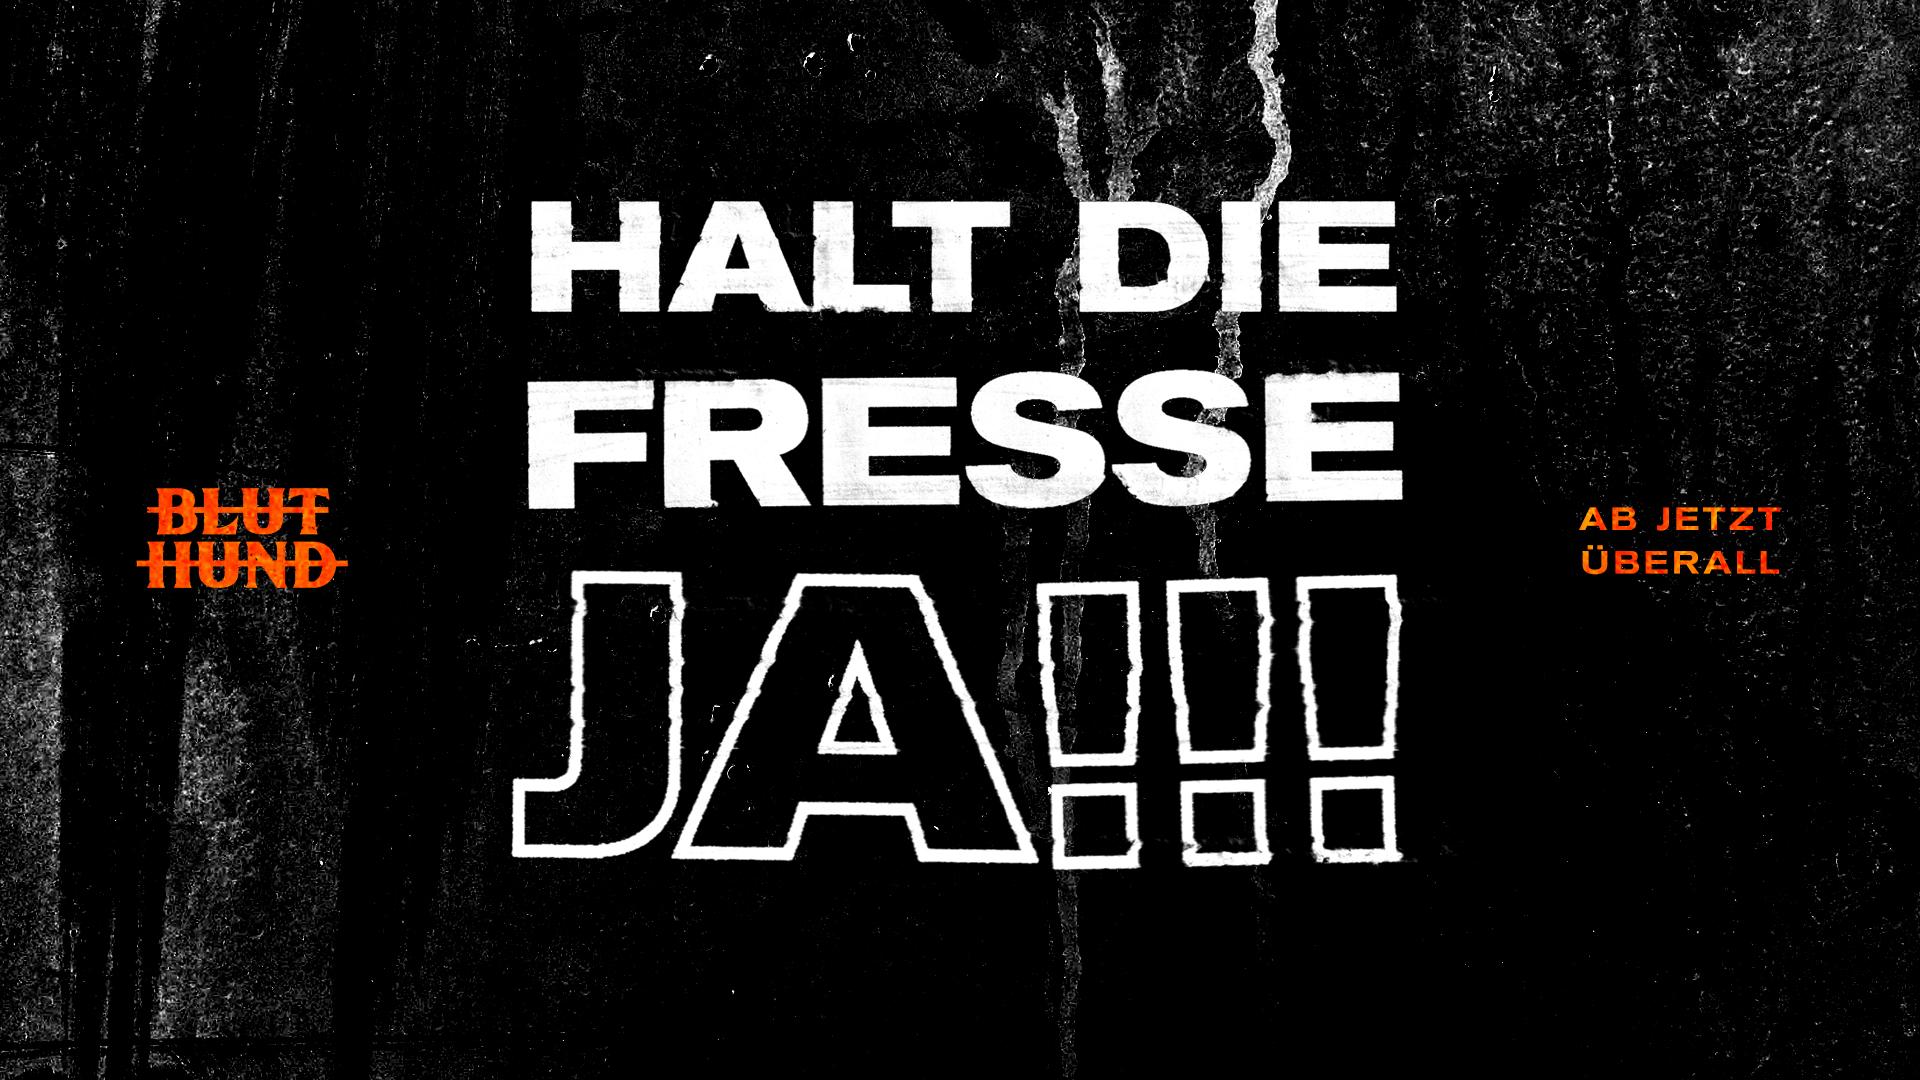 bluthund_haltdiefressehja_FB_header